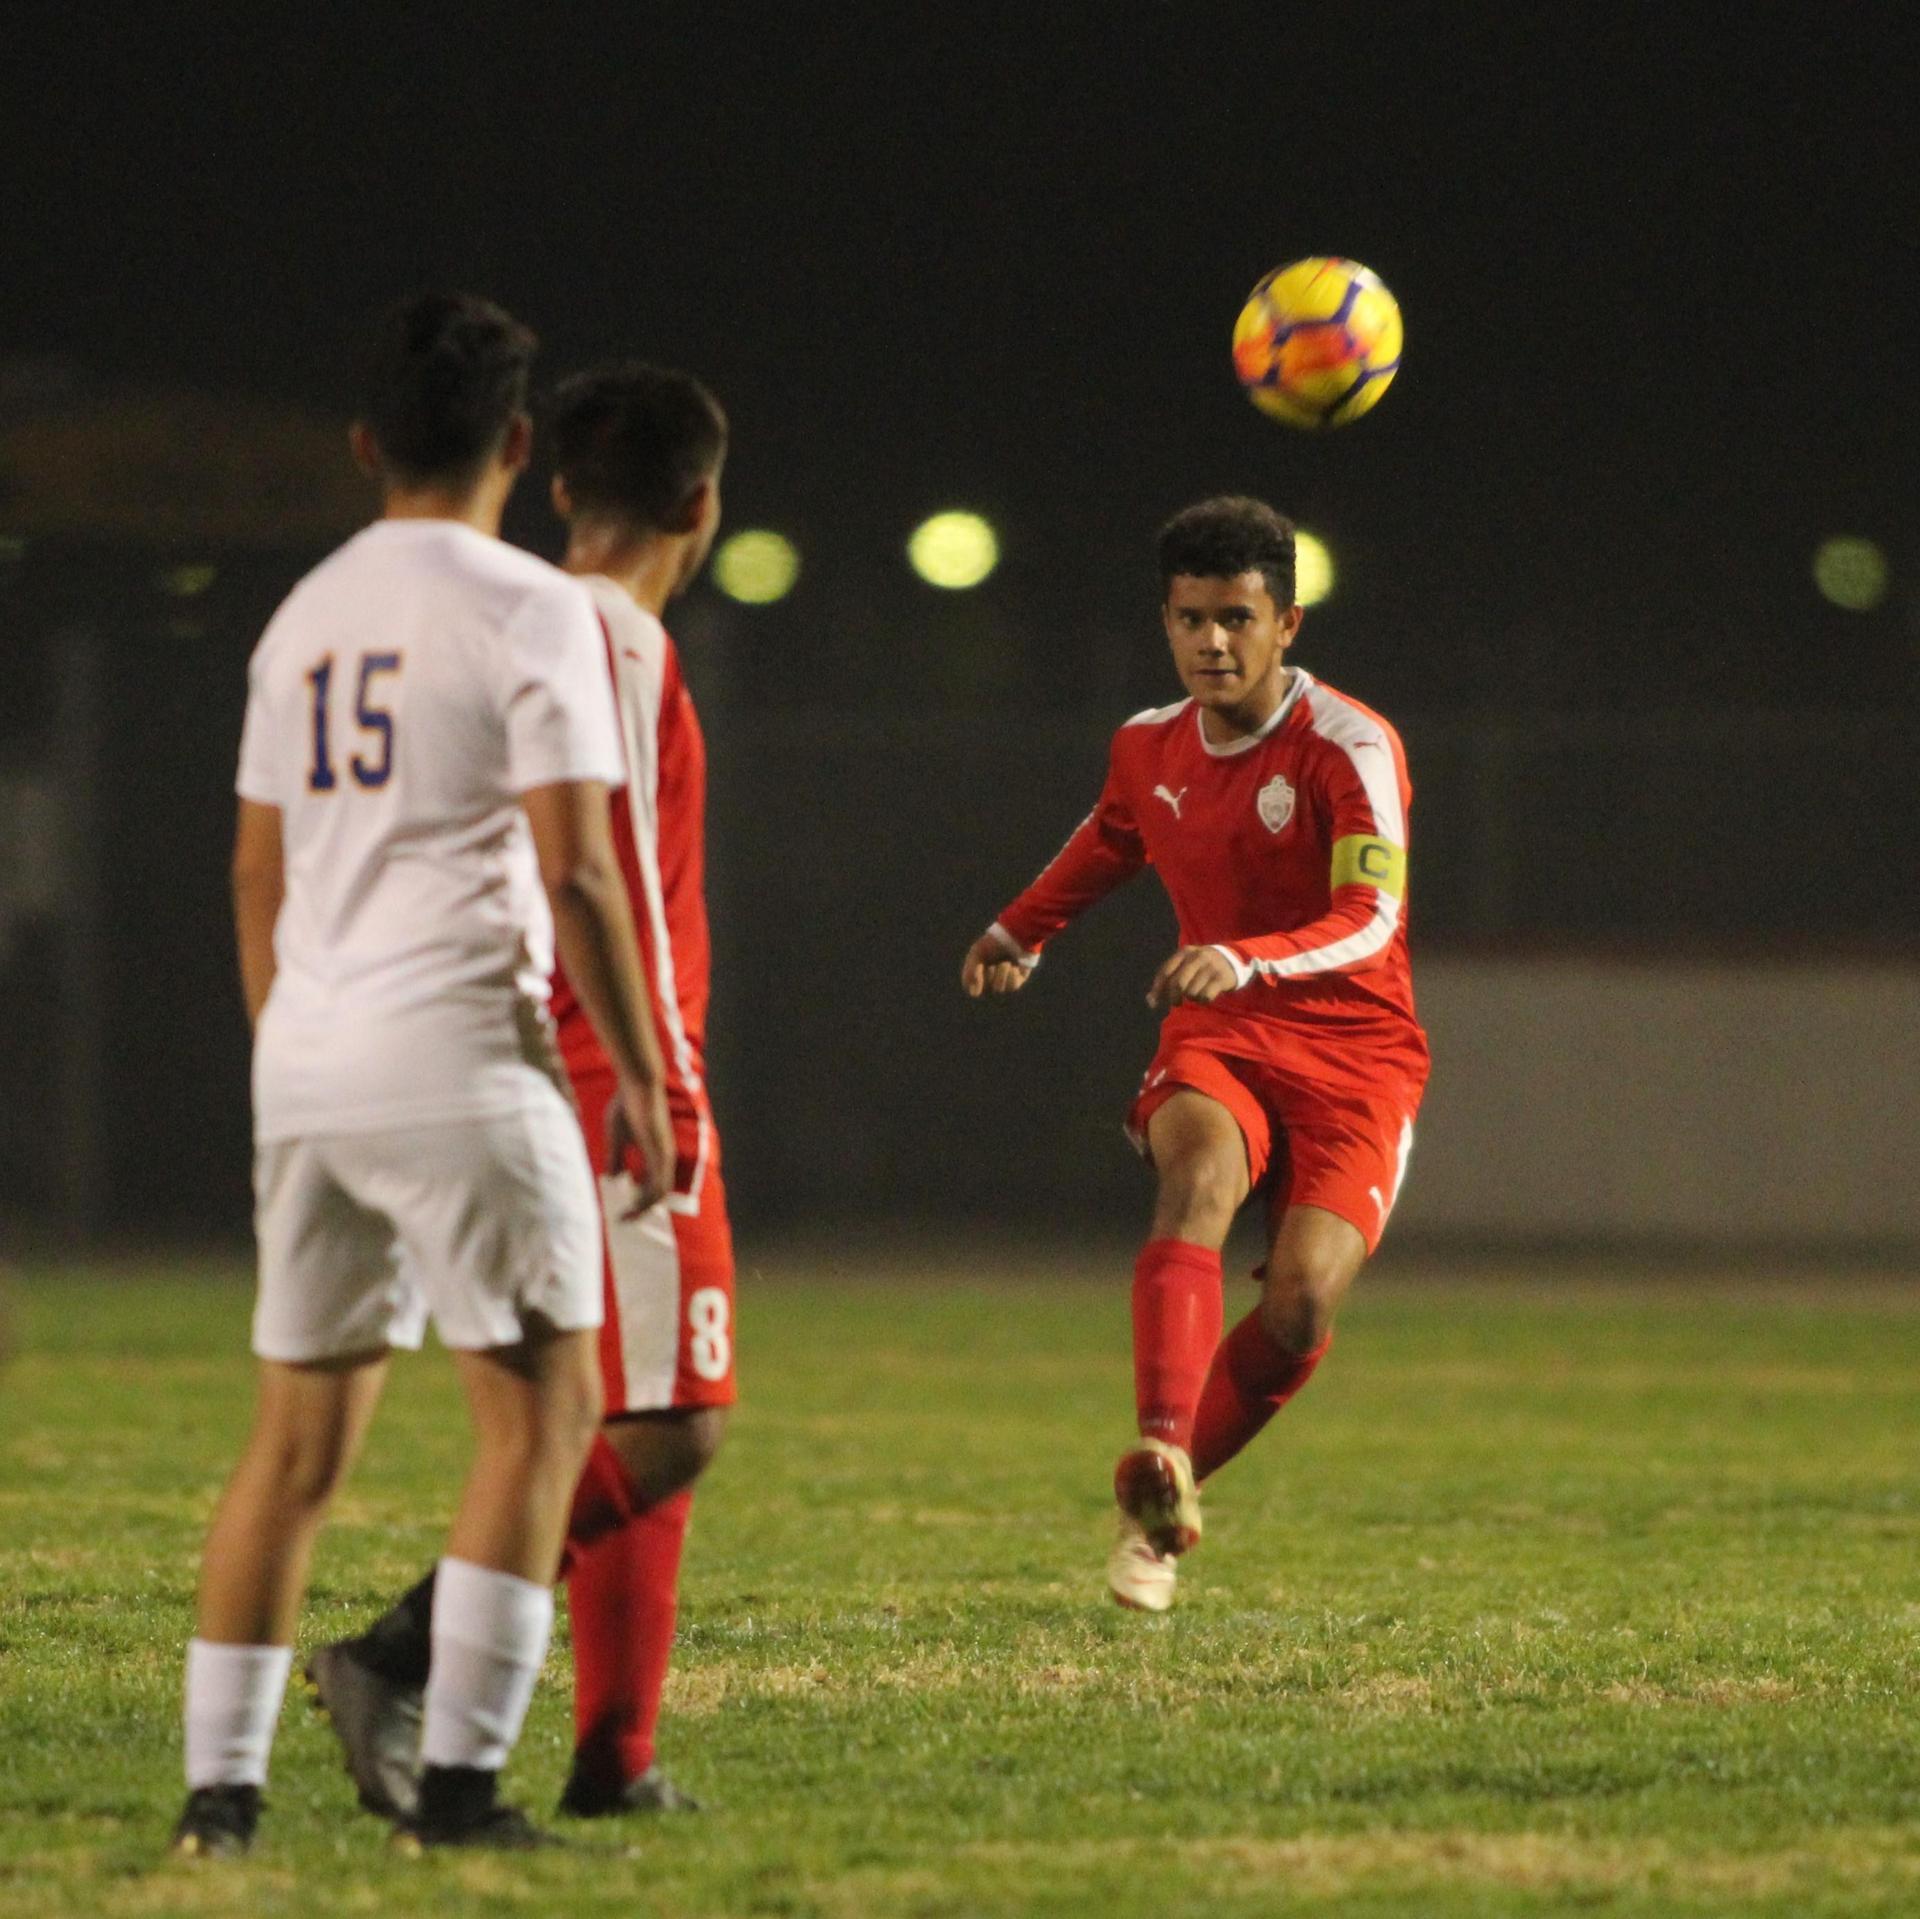 Antonio Ochoa After Kicking the Ball